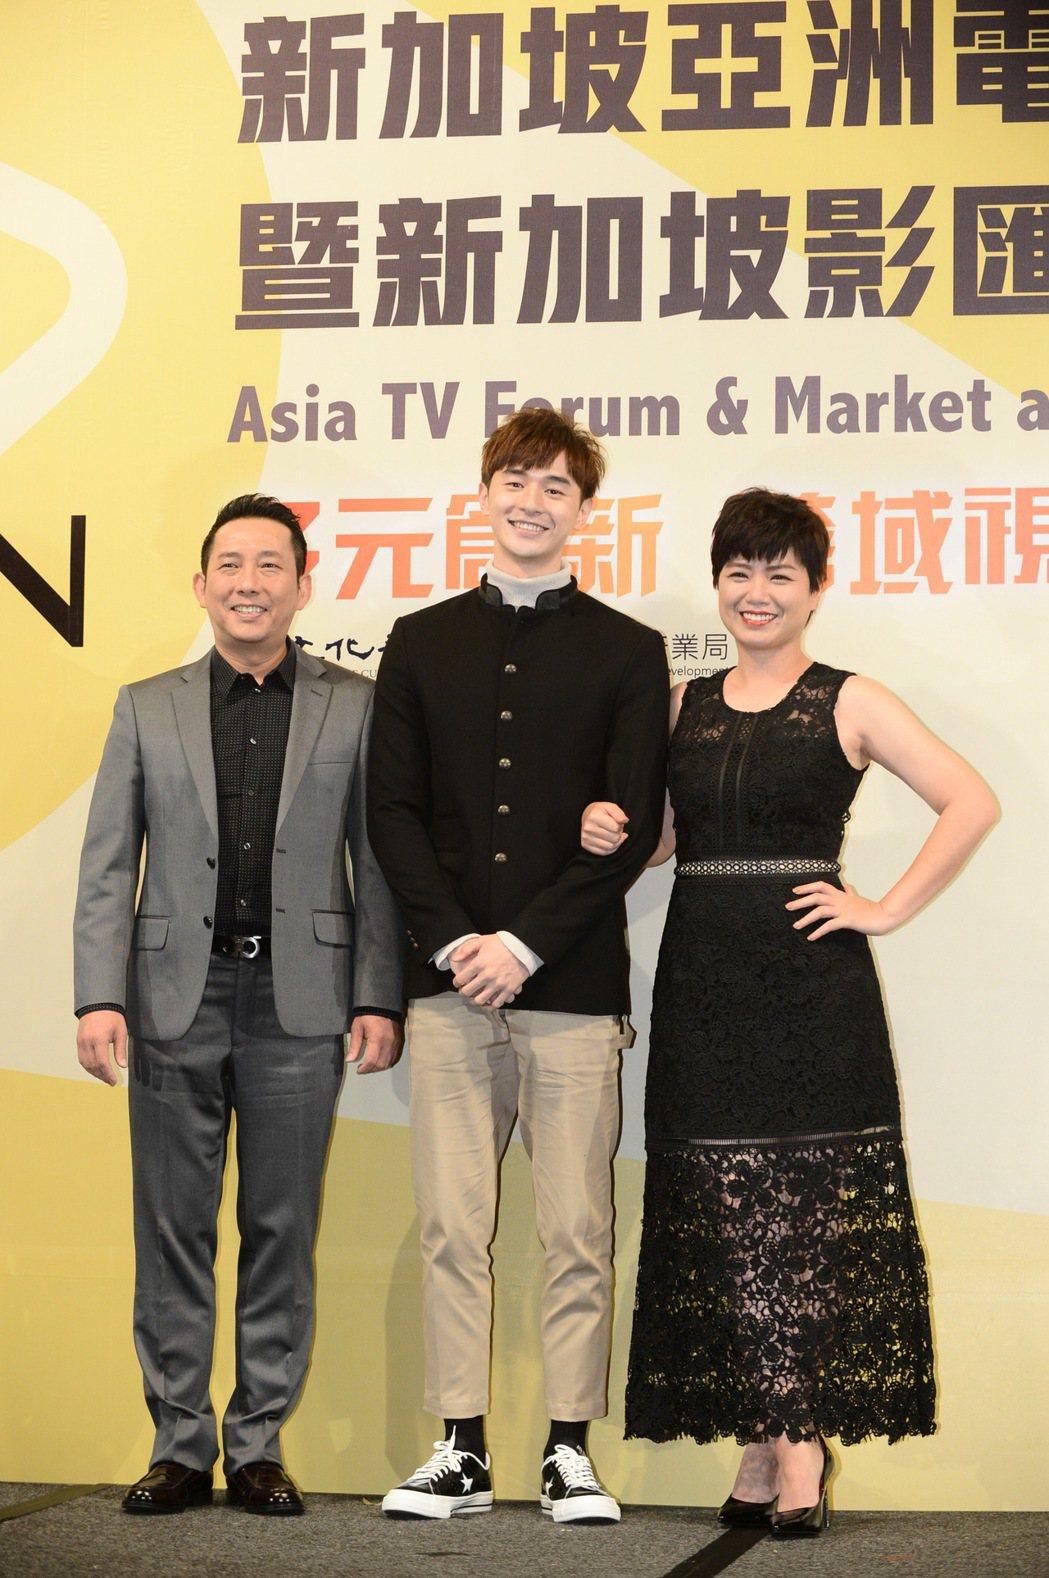 屈中恆(左起)、張軒睿、嚴藝文出席新加坡國際影視展行前記者會。圖/八大提供